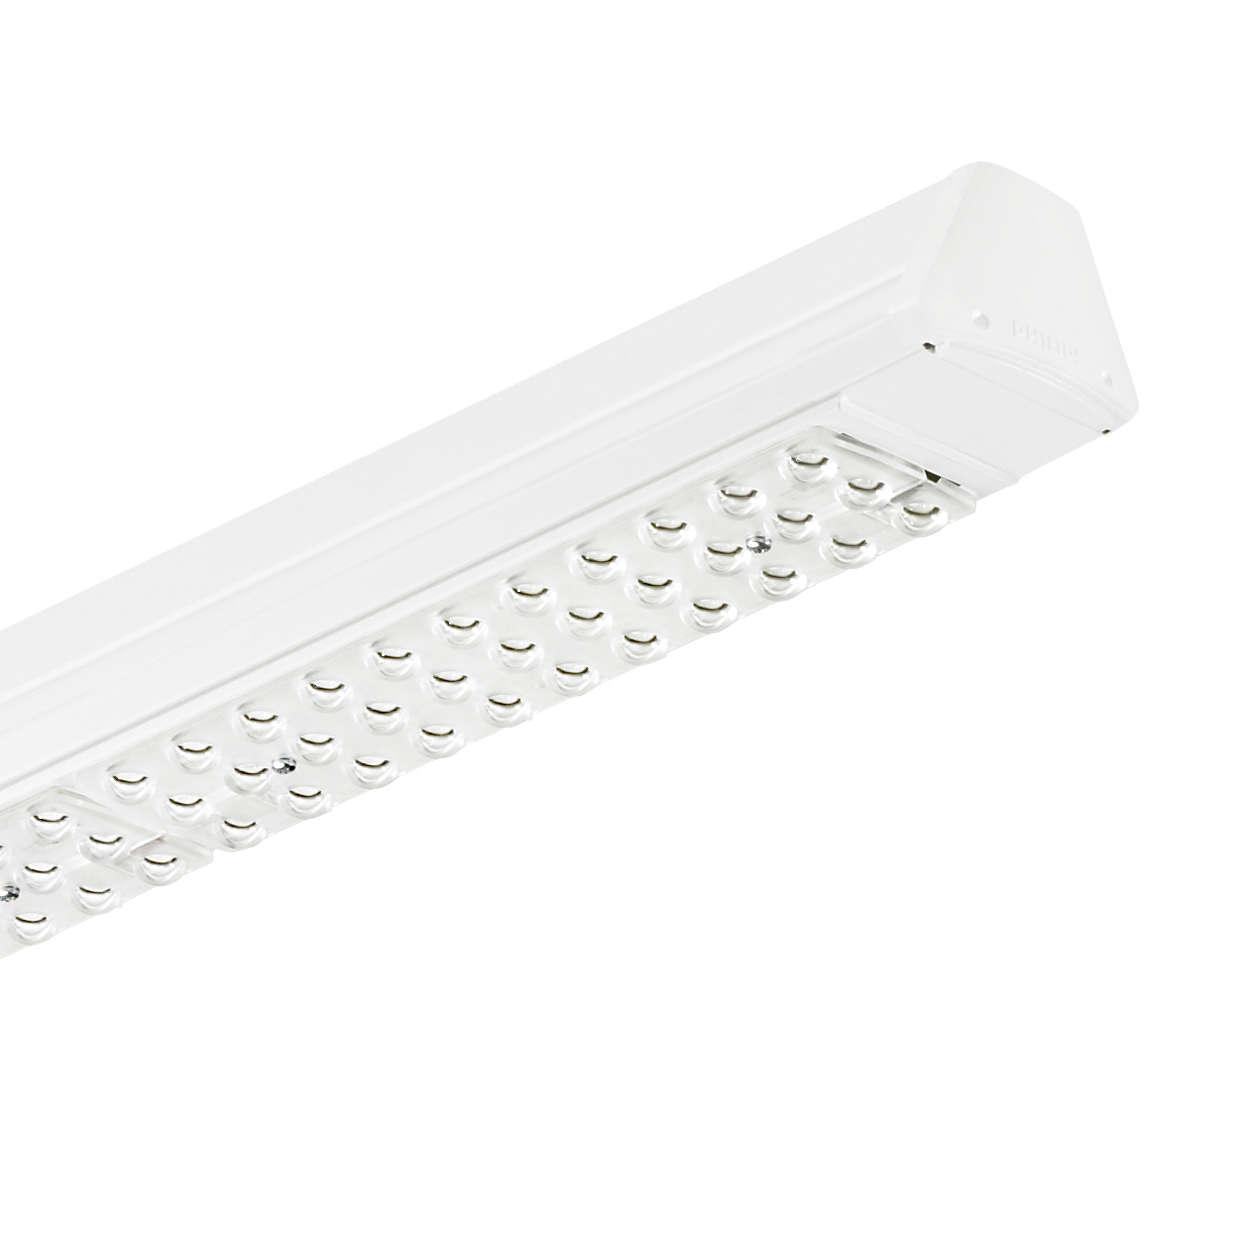 Maxos LED Industry – innovatieve, flexibele oplossing levert ideale lichtopbrengst